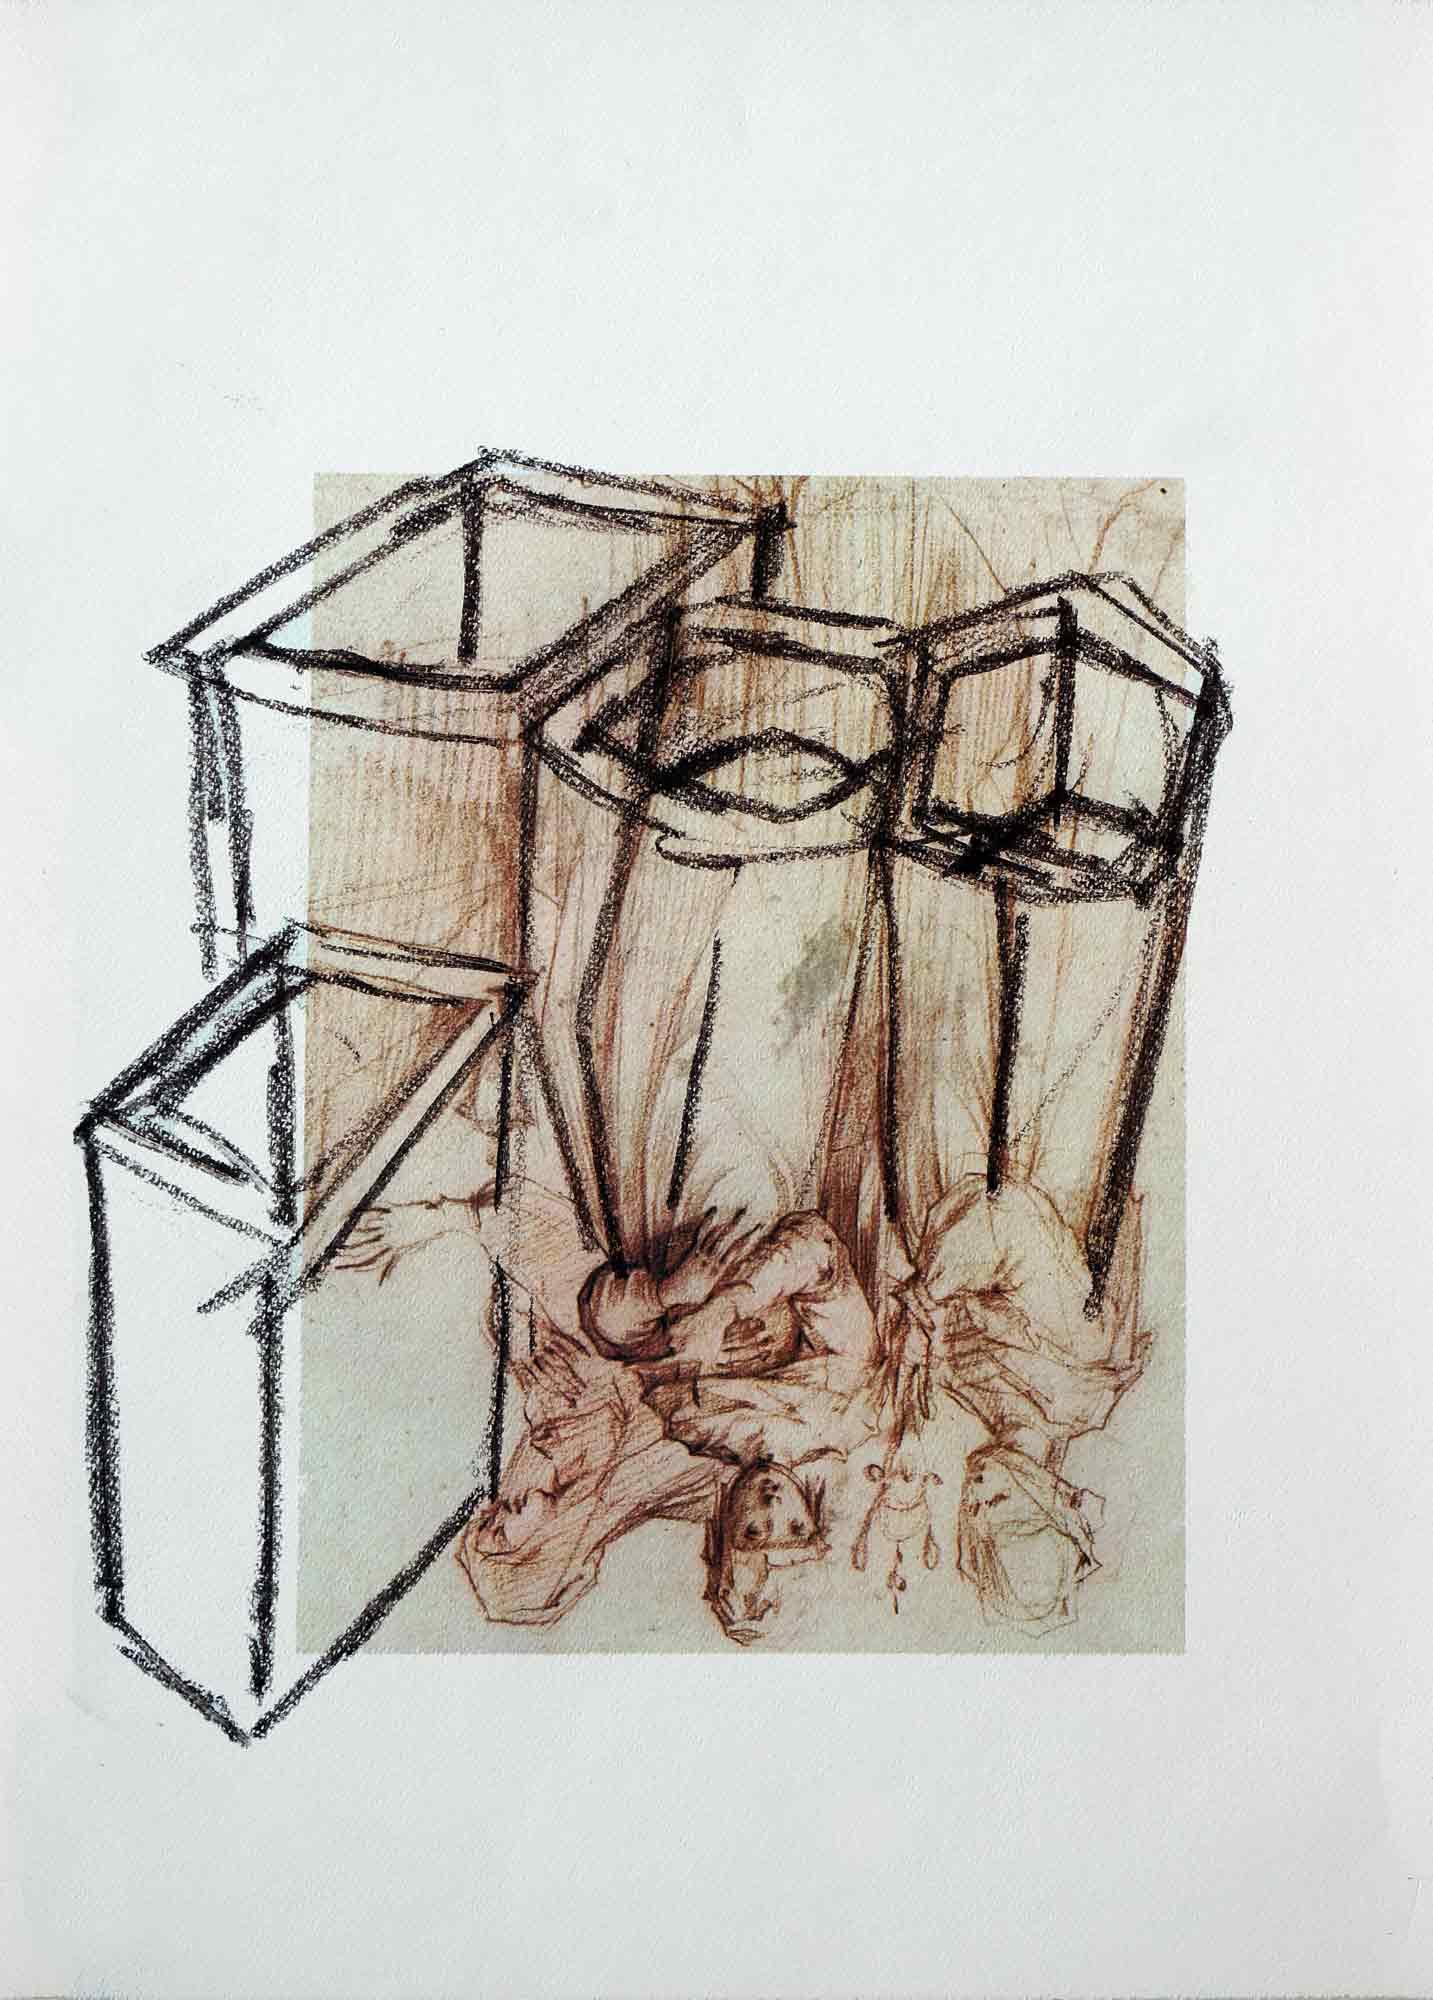 Dessin sur dessin - 2013 – Pierre noire. 50 x 40 cm. Denis Falgoux